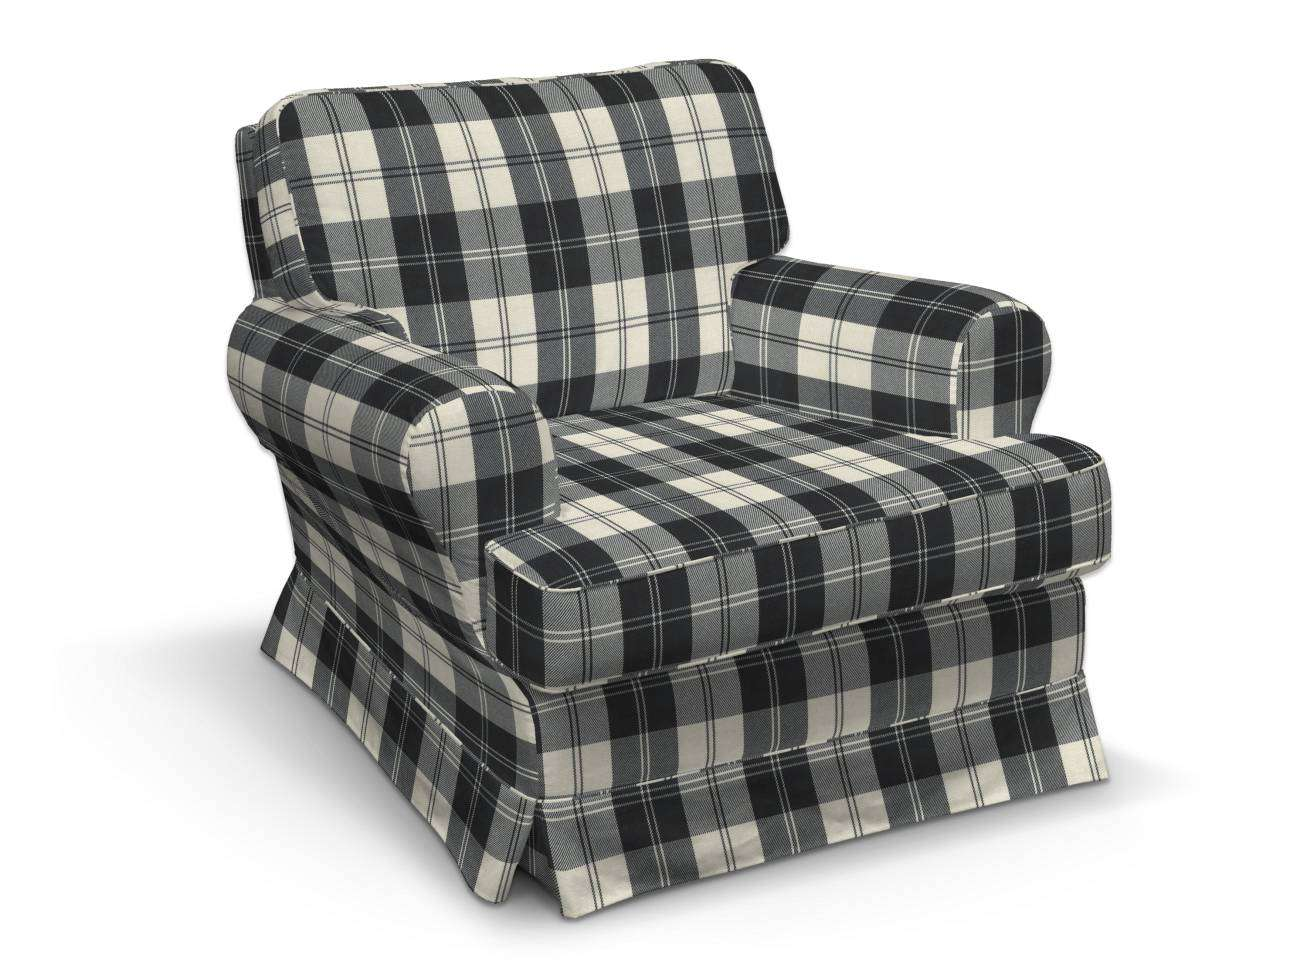 Pokrowiec na fotel Barkaby fotel Barkaby w kolekcji Edinburgh, tkanina: 115-74